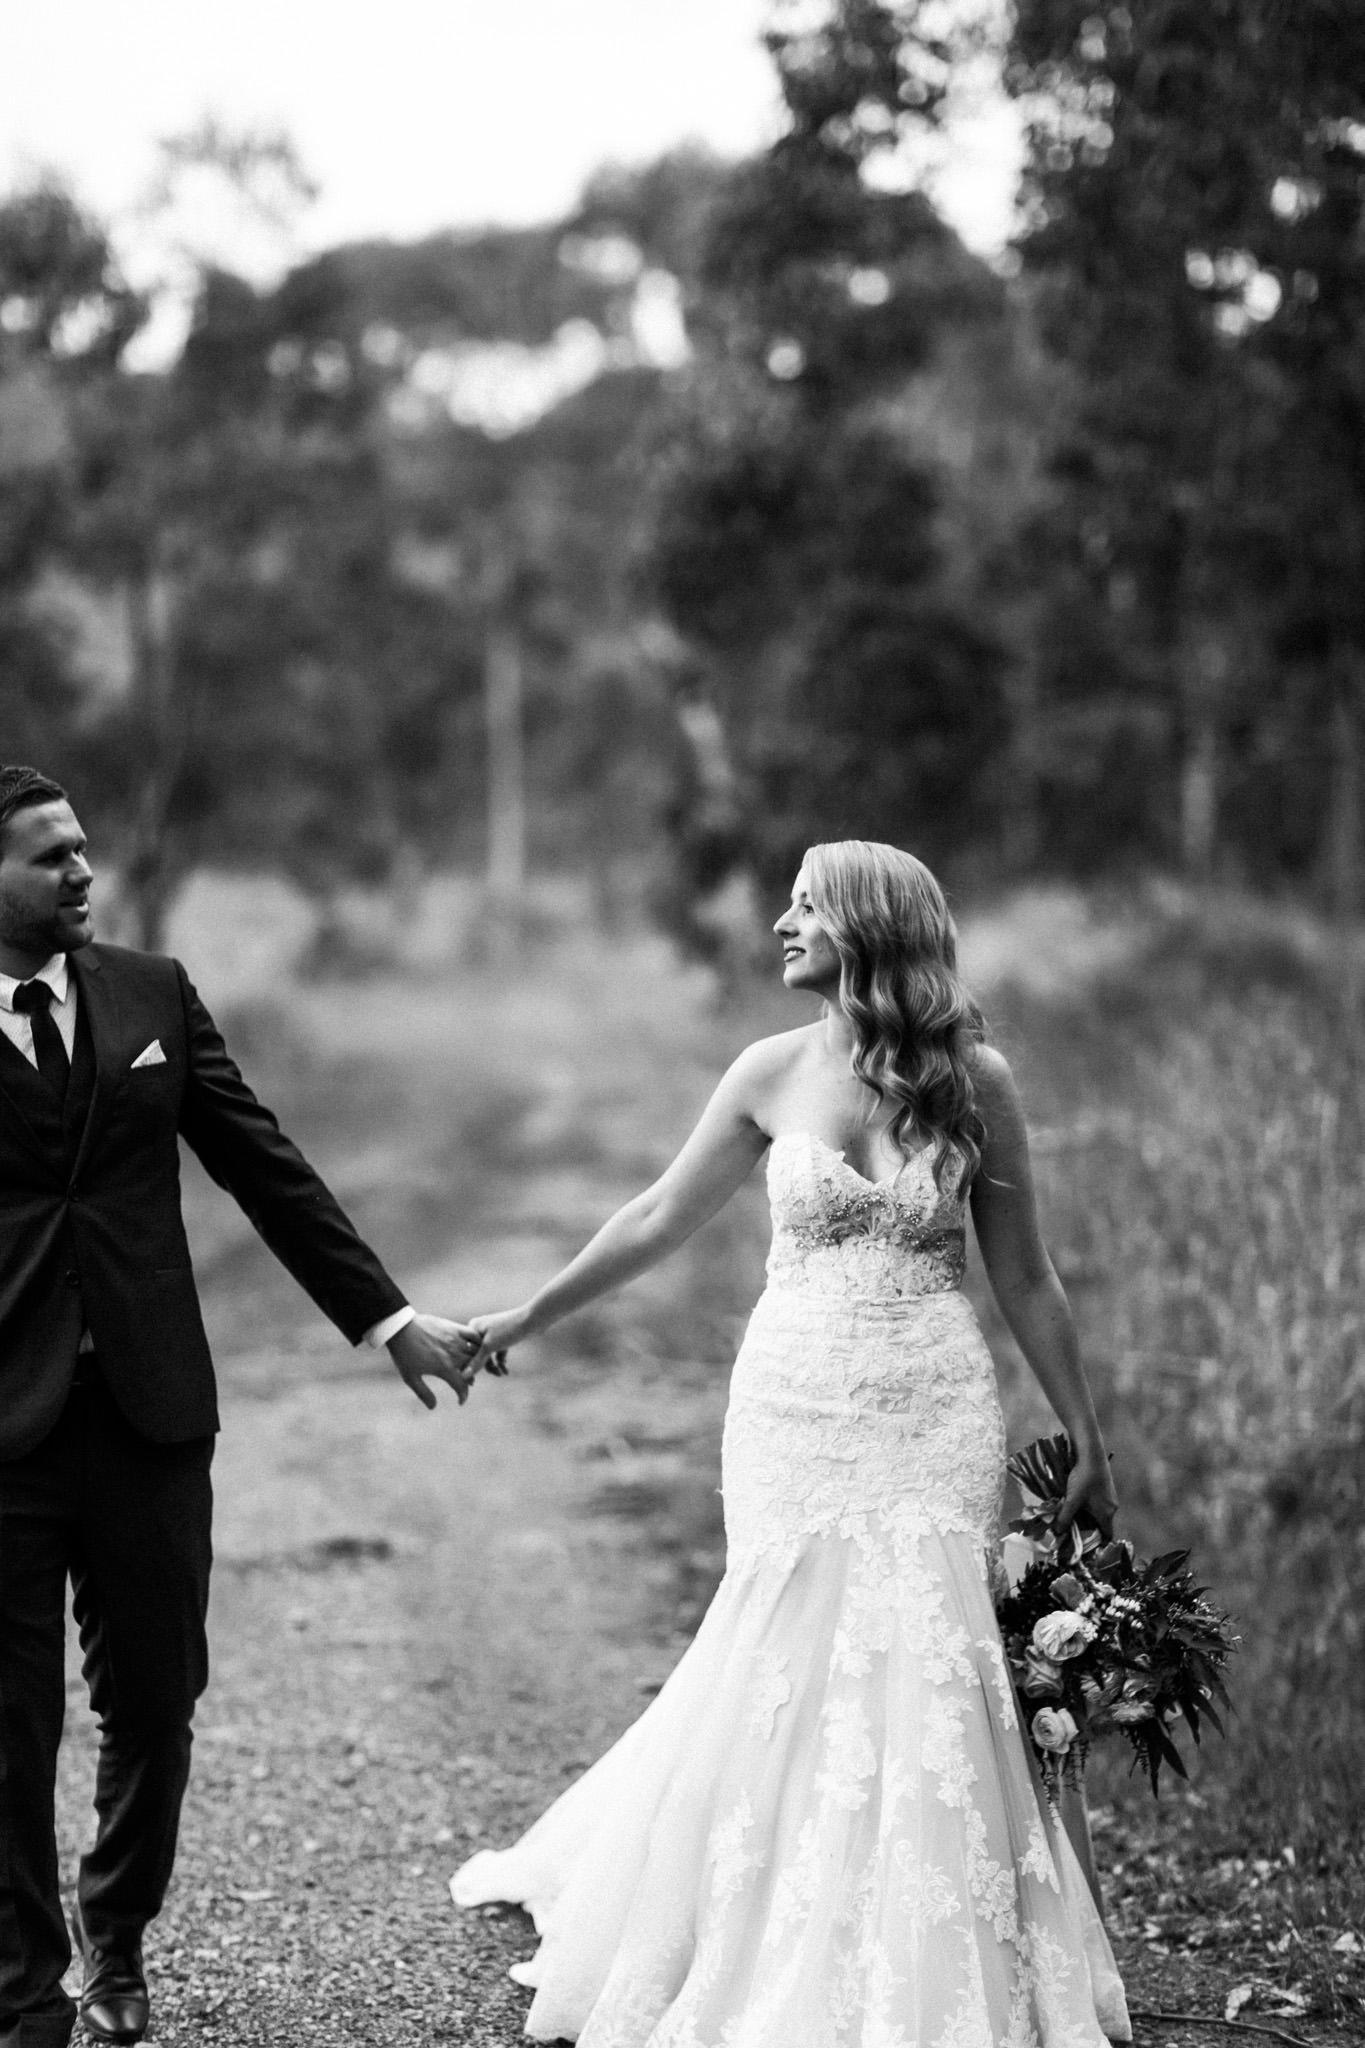 WeddingPhotos_Facebook_2048pixels-1101.jpg